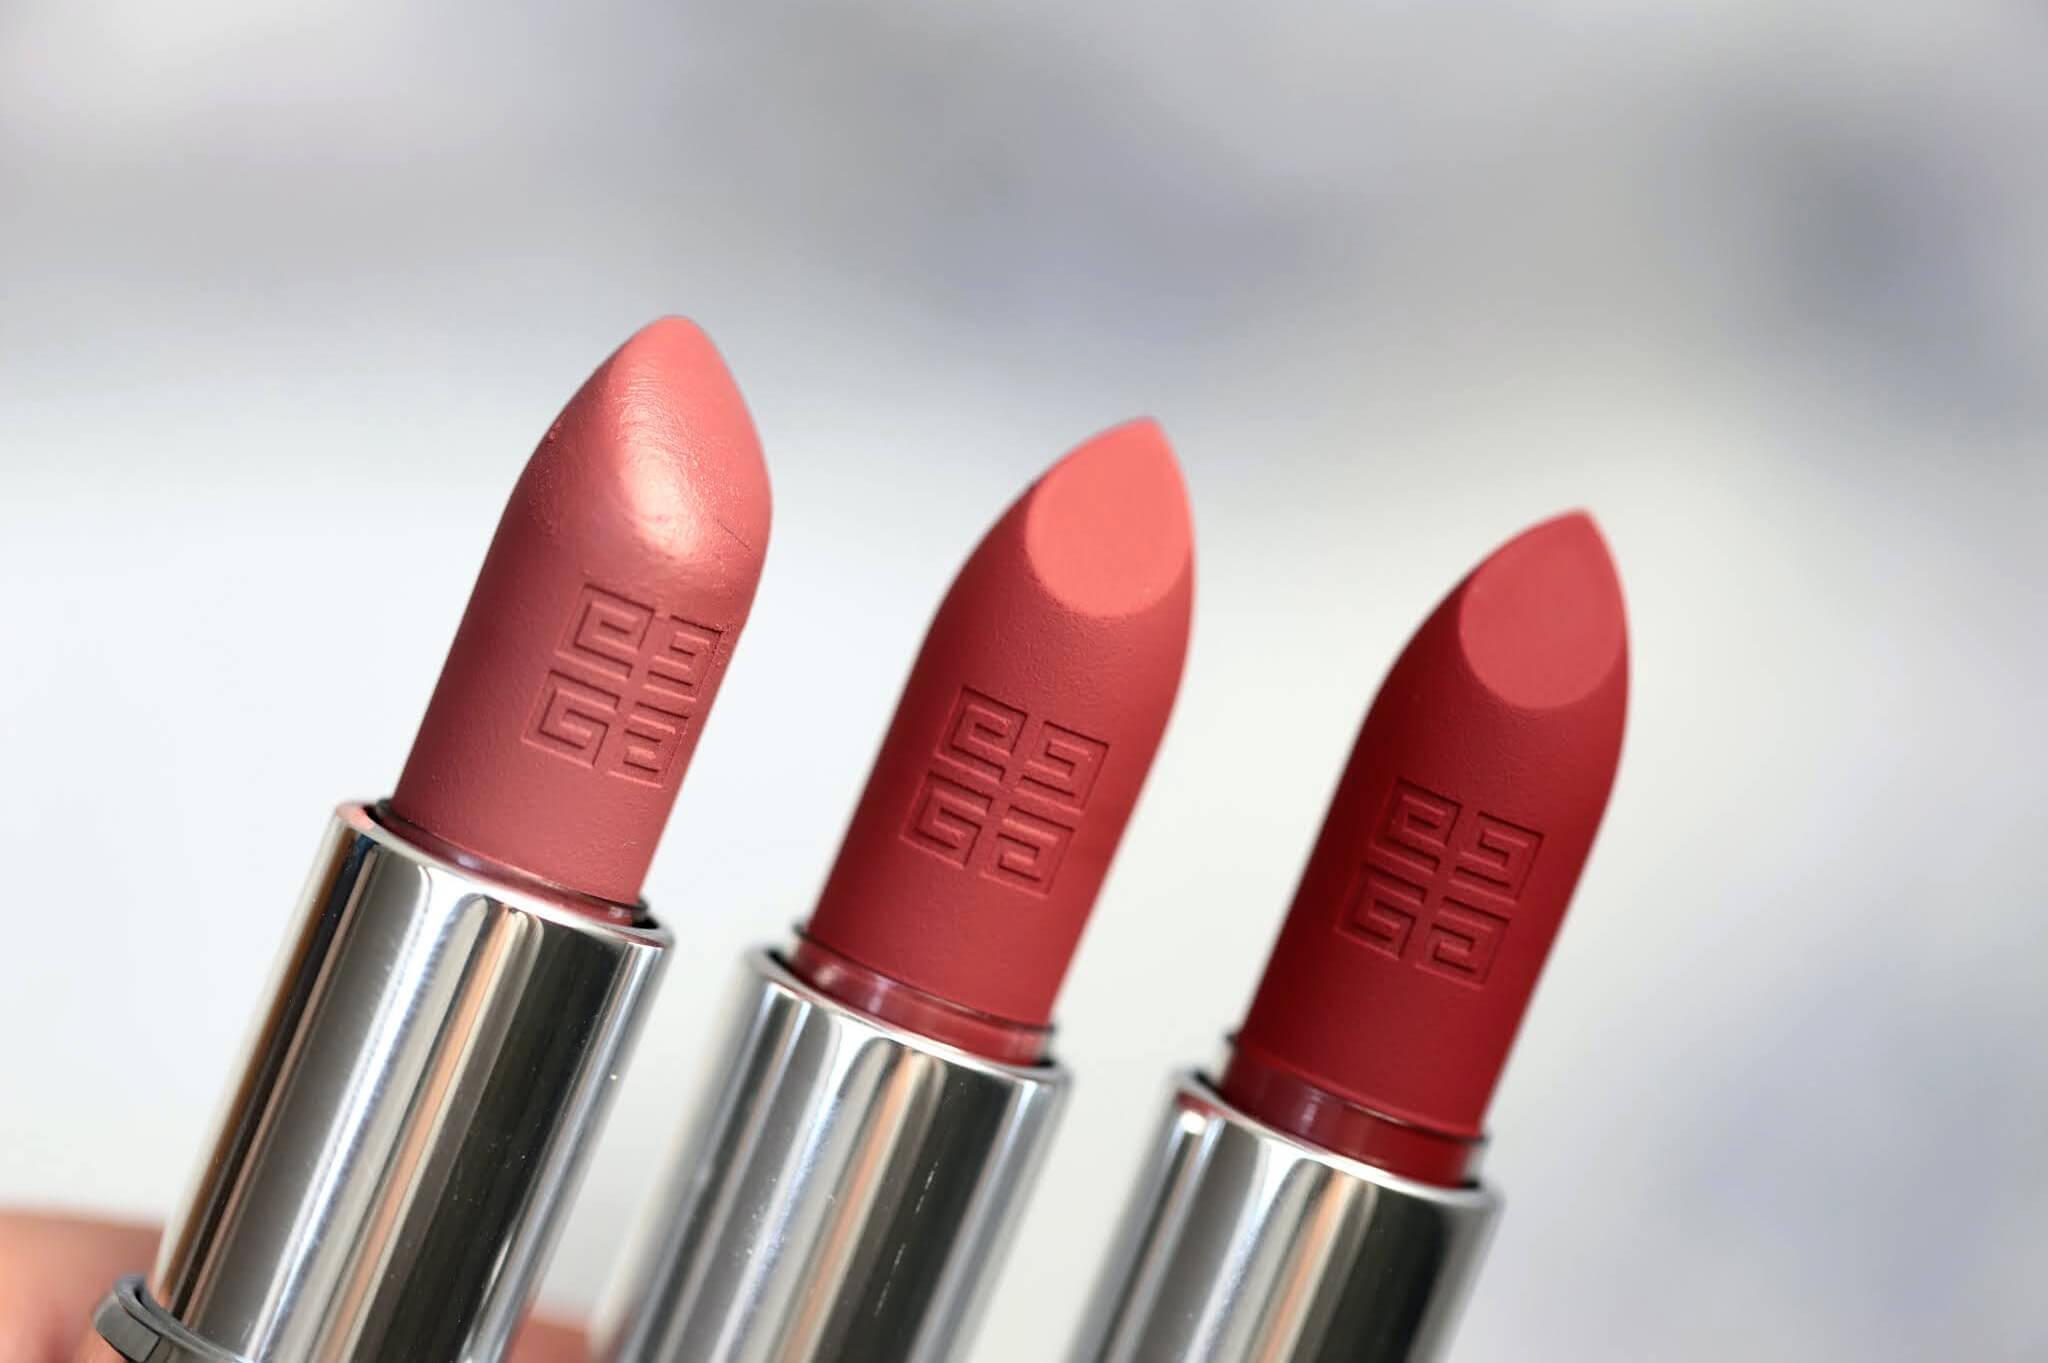 Givenchy Le Rouge Sheer 16 Nude Boisé 27 Rouge Infusé 37 rouge grainé swtach